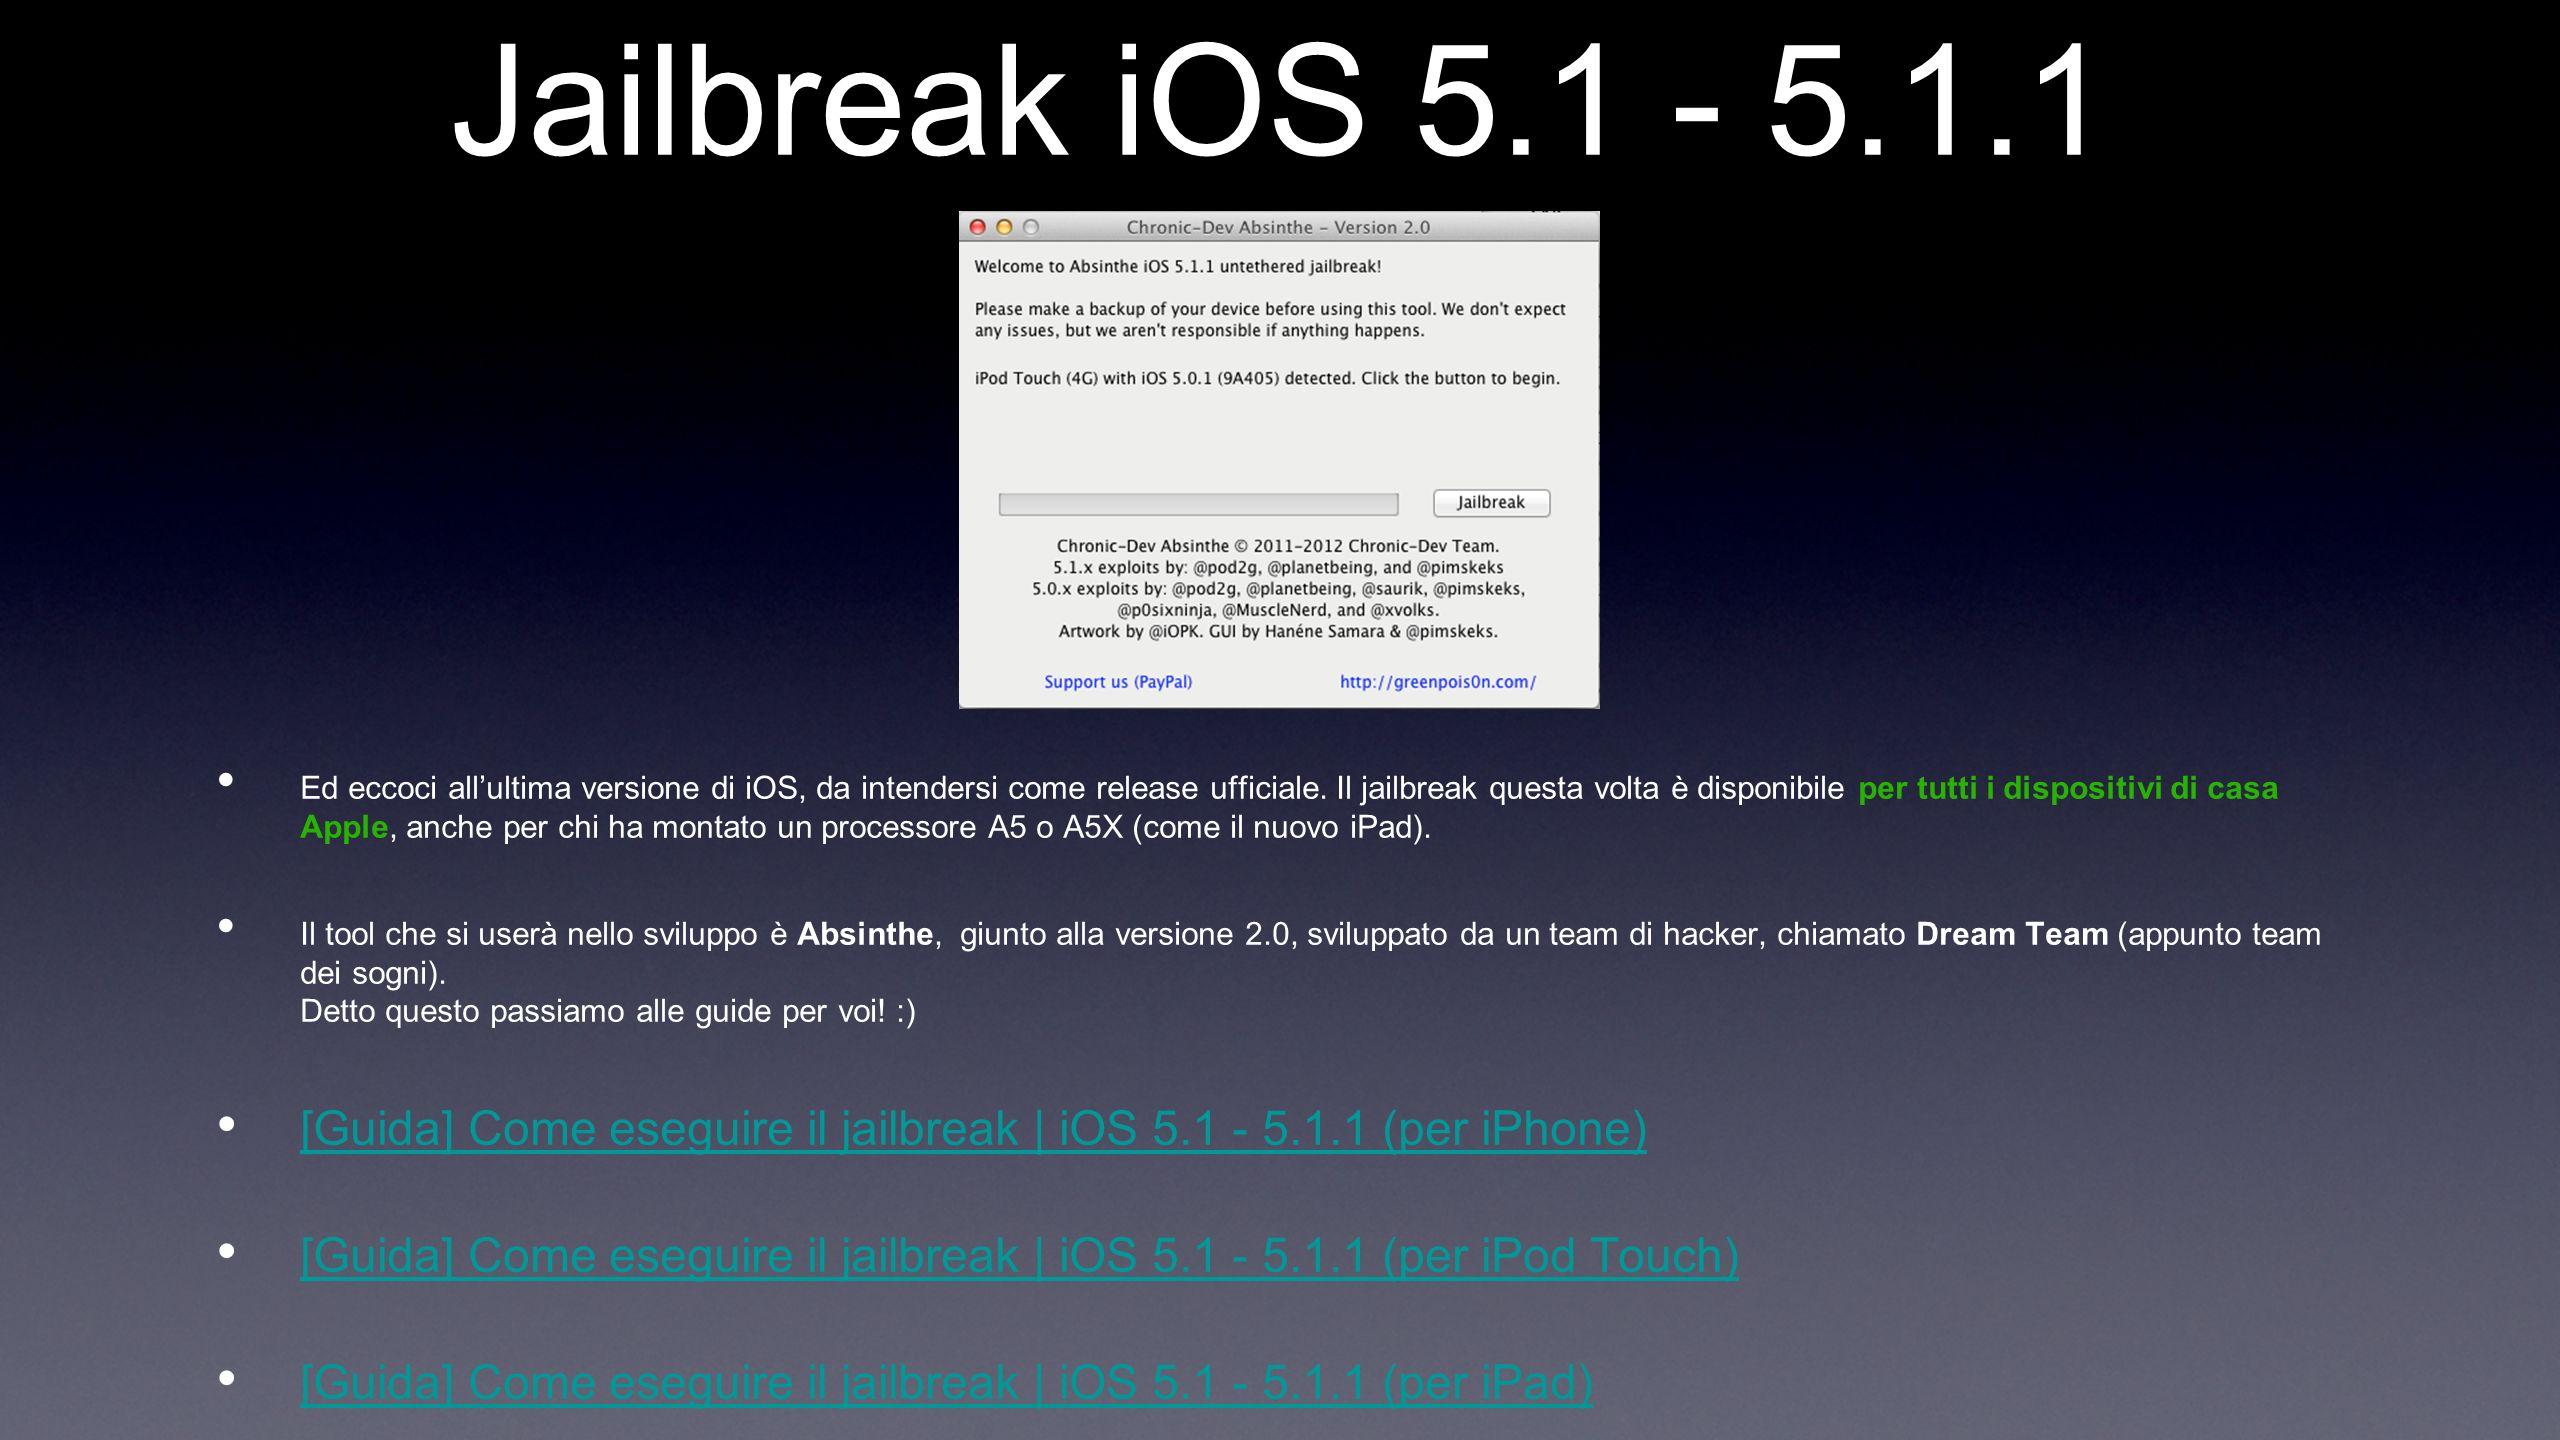 Jailbreak iOS 5.1 - 5.1.1 Ed eccoci allultima versione di iOS, da intendersi come release ufficiale. Il jailbreak questa volta è disponibile per tutti